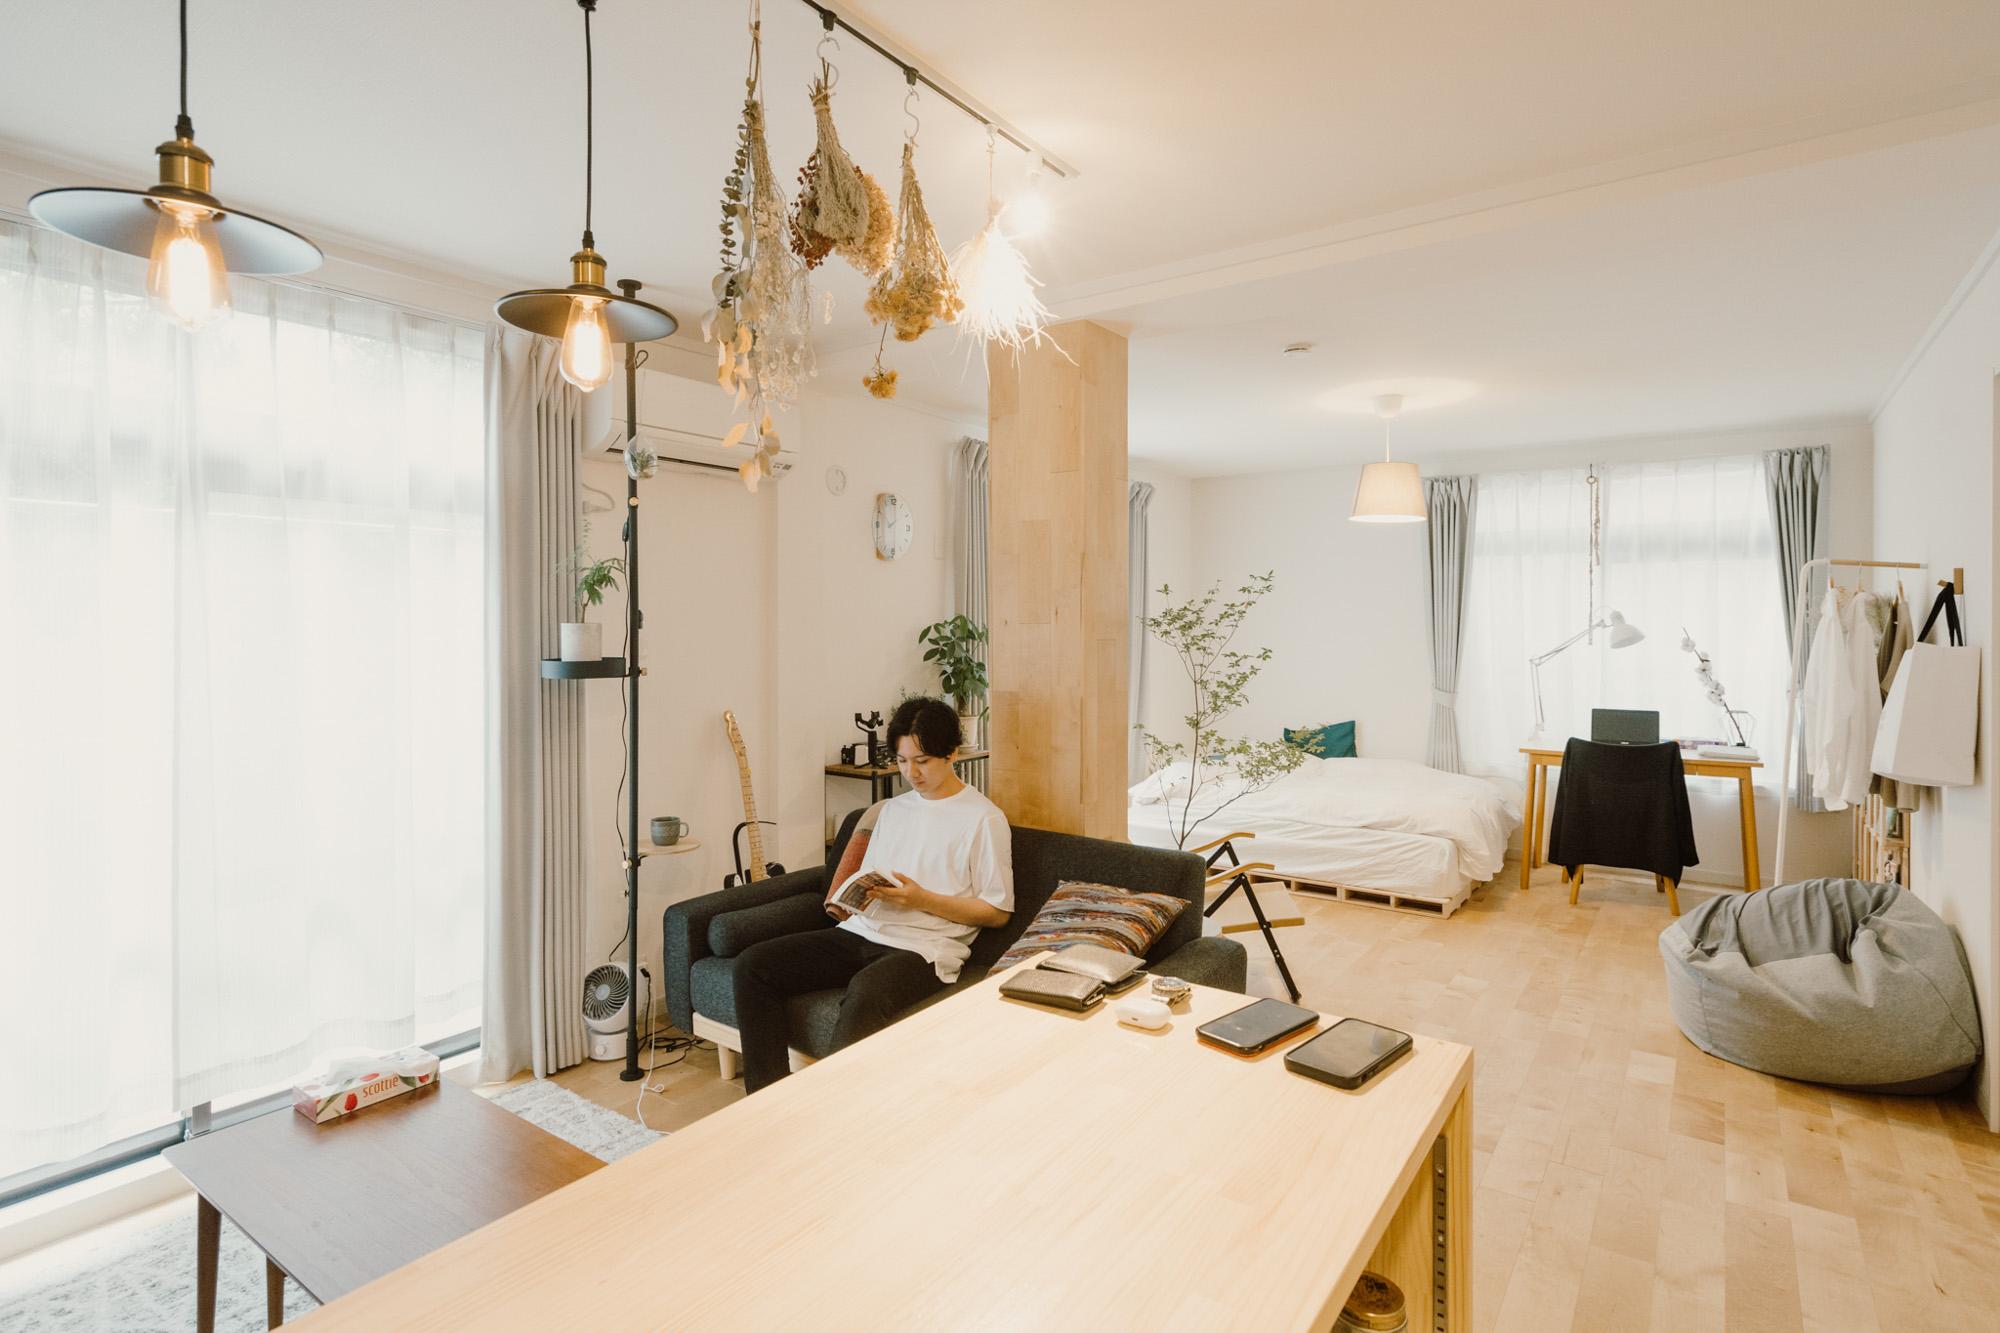 2Kの間取りをリノベーションして誕生した広々ワンルーム。色数は抑え、シンプルでニュートラルなゆとりある空間を作られている、一人暮らしのお部屋を訪問しました。